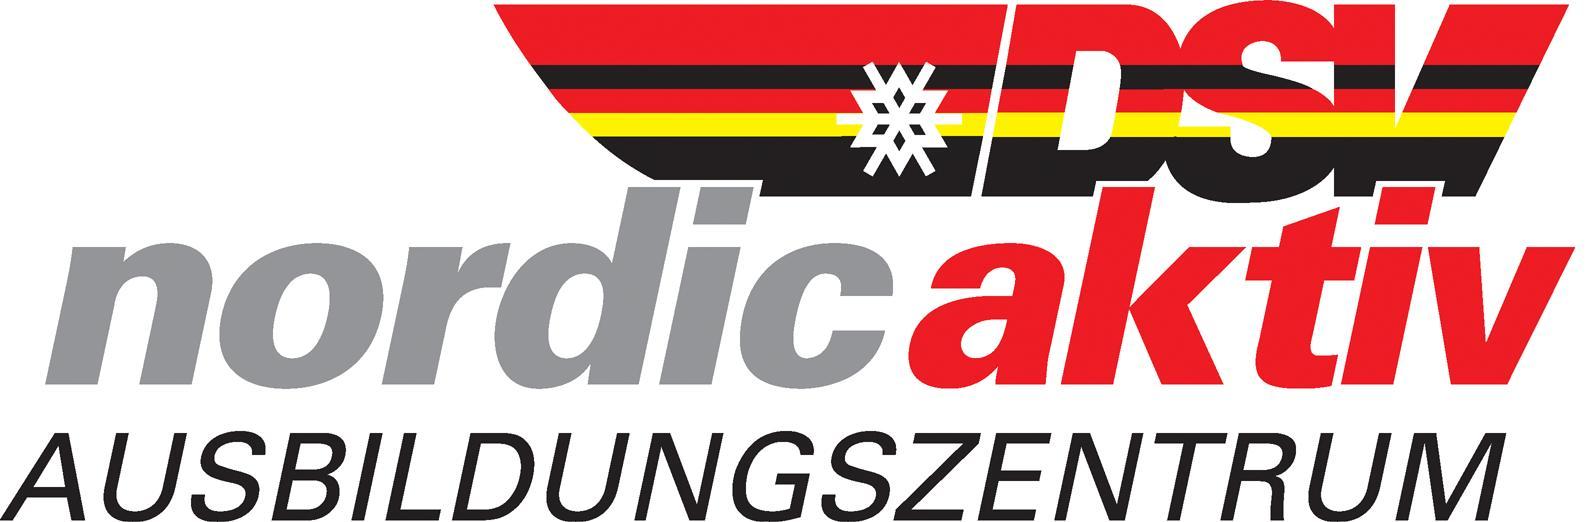 Logo-dsv_nordic_aktiv_ausbildungszentrum